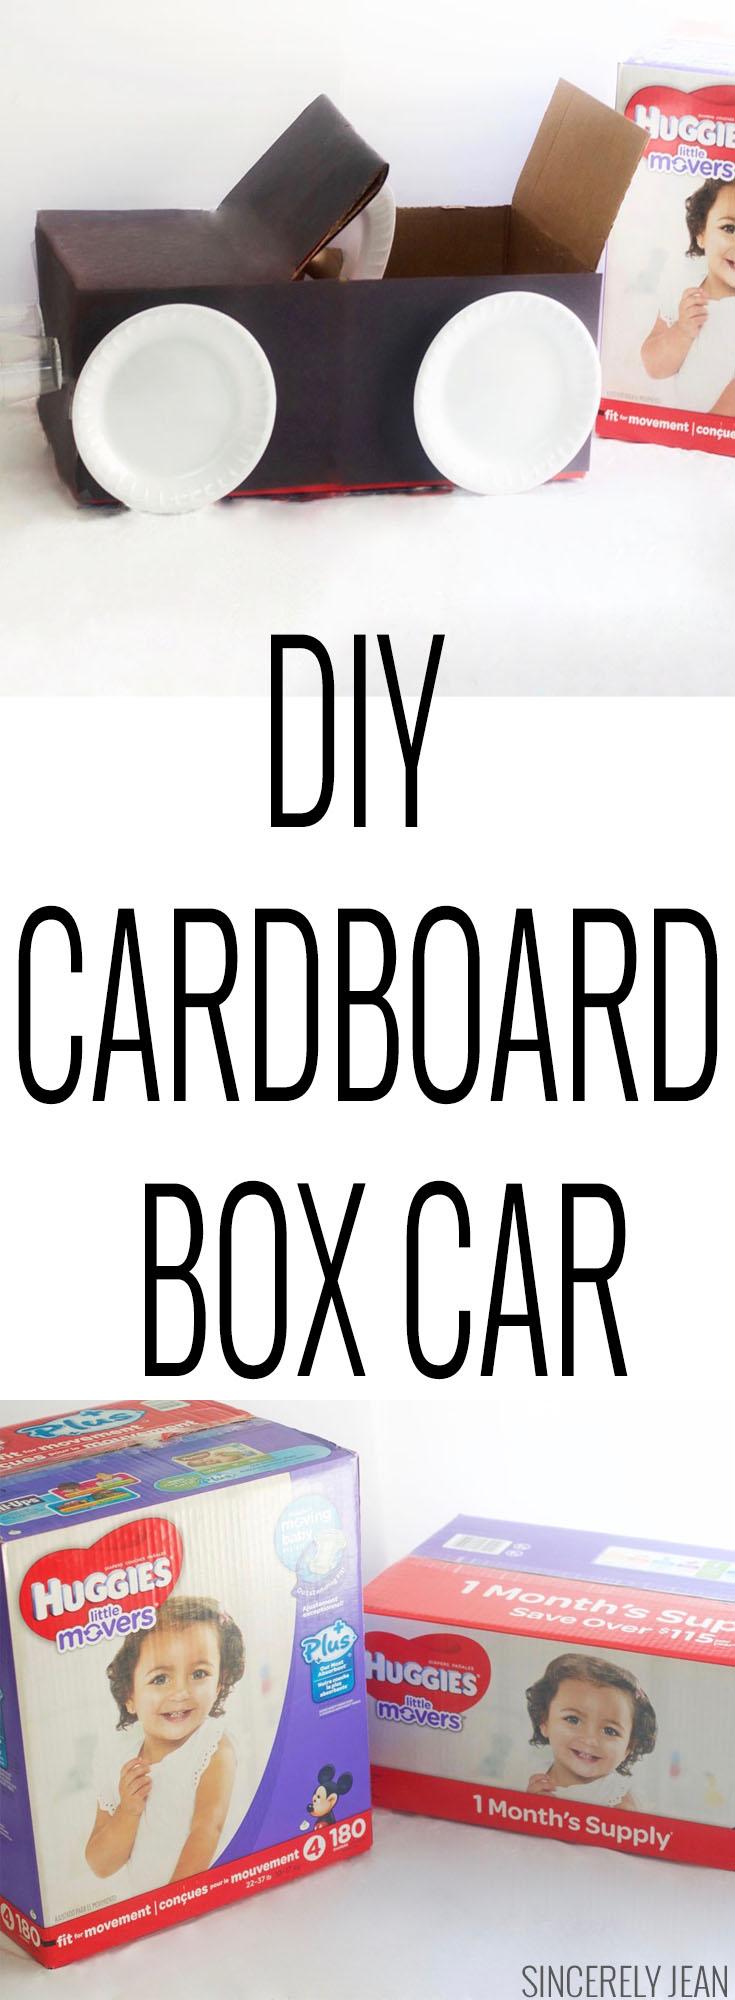 DIY cardboard box car.